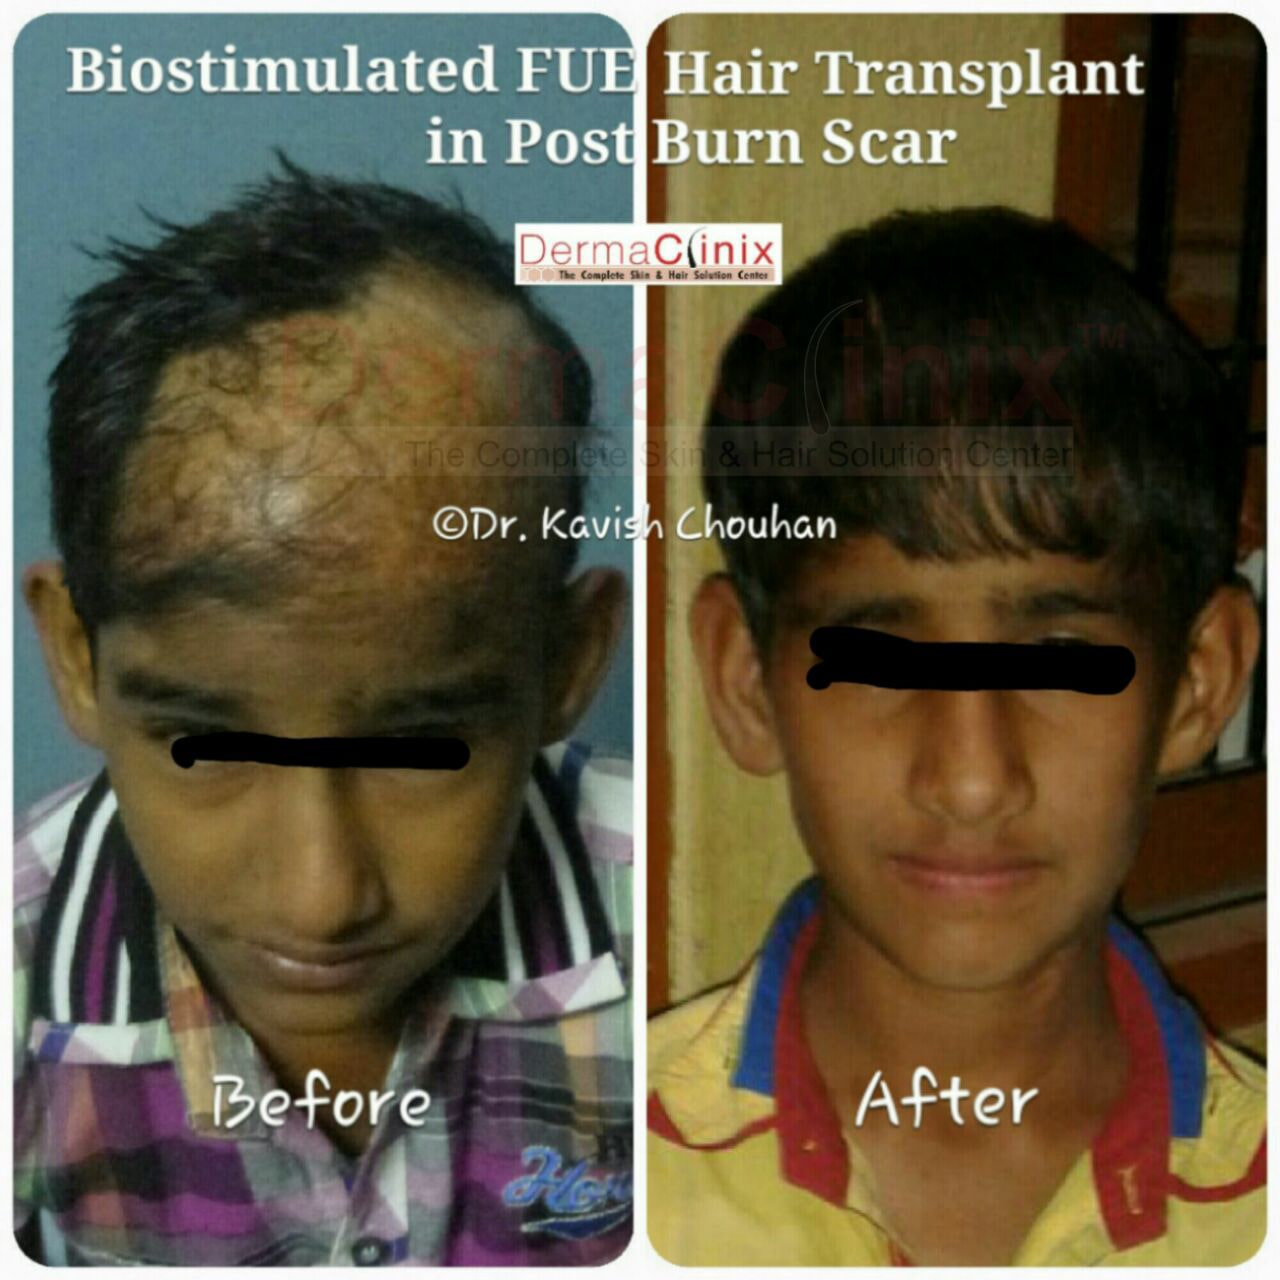 535282deff59f3845a3fa476b563611cb2894_hair-transplant-in-post-burn-scar-13.jpg